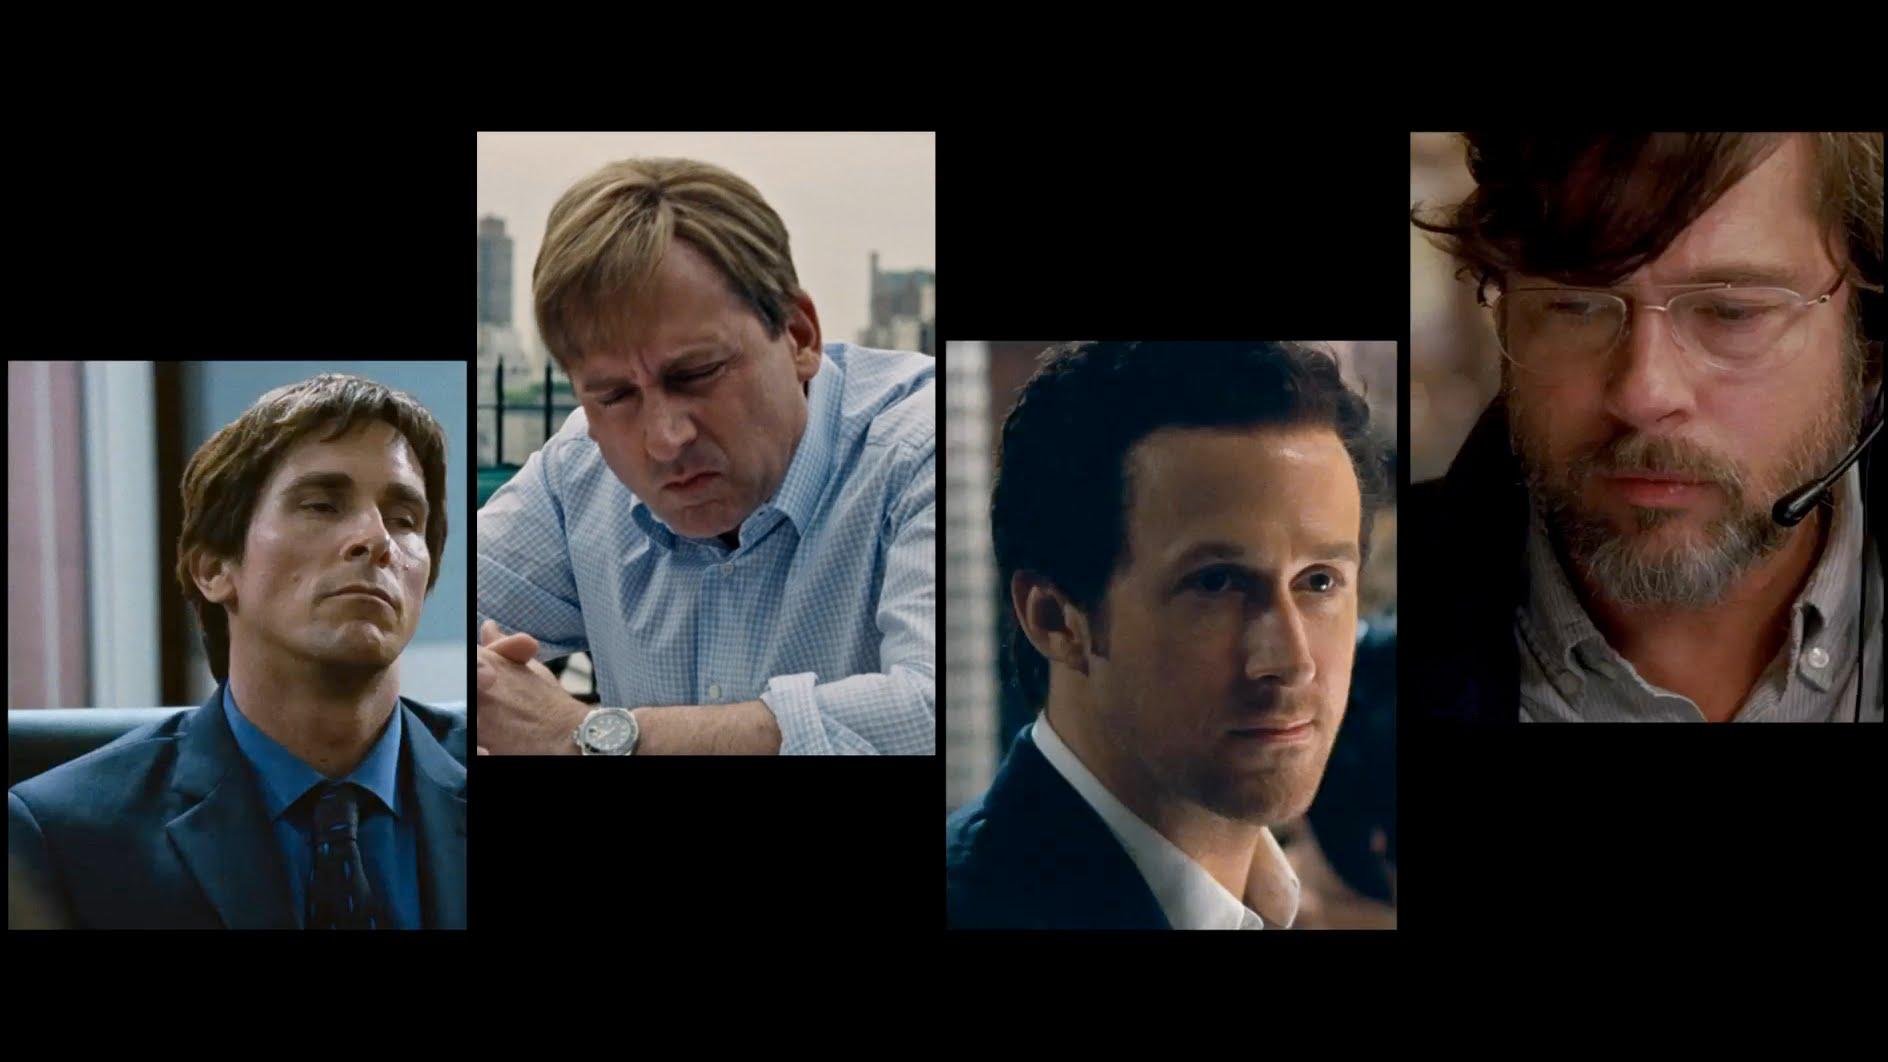 christian bale christian bale Cele mai tari filme cu Christian Bale în rol principal maxresdefault 1